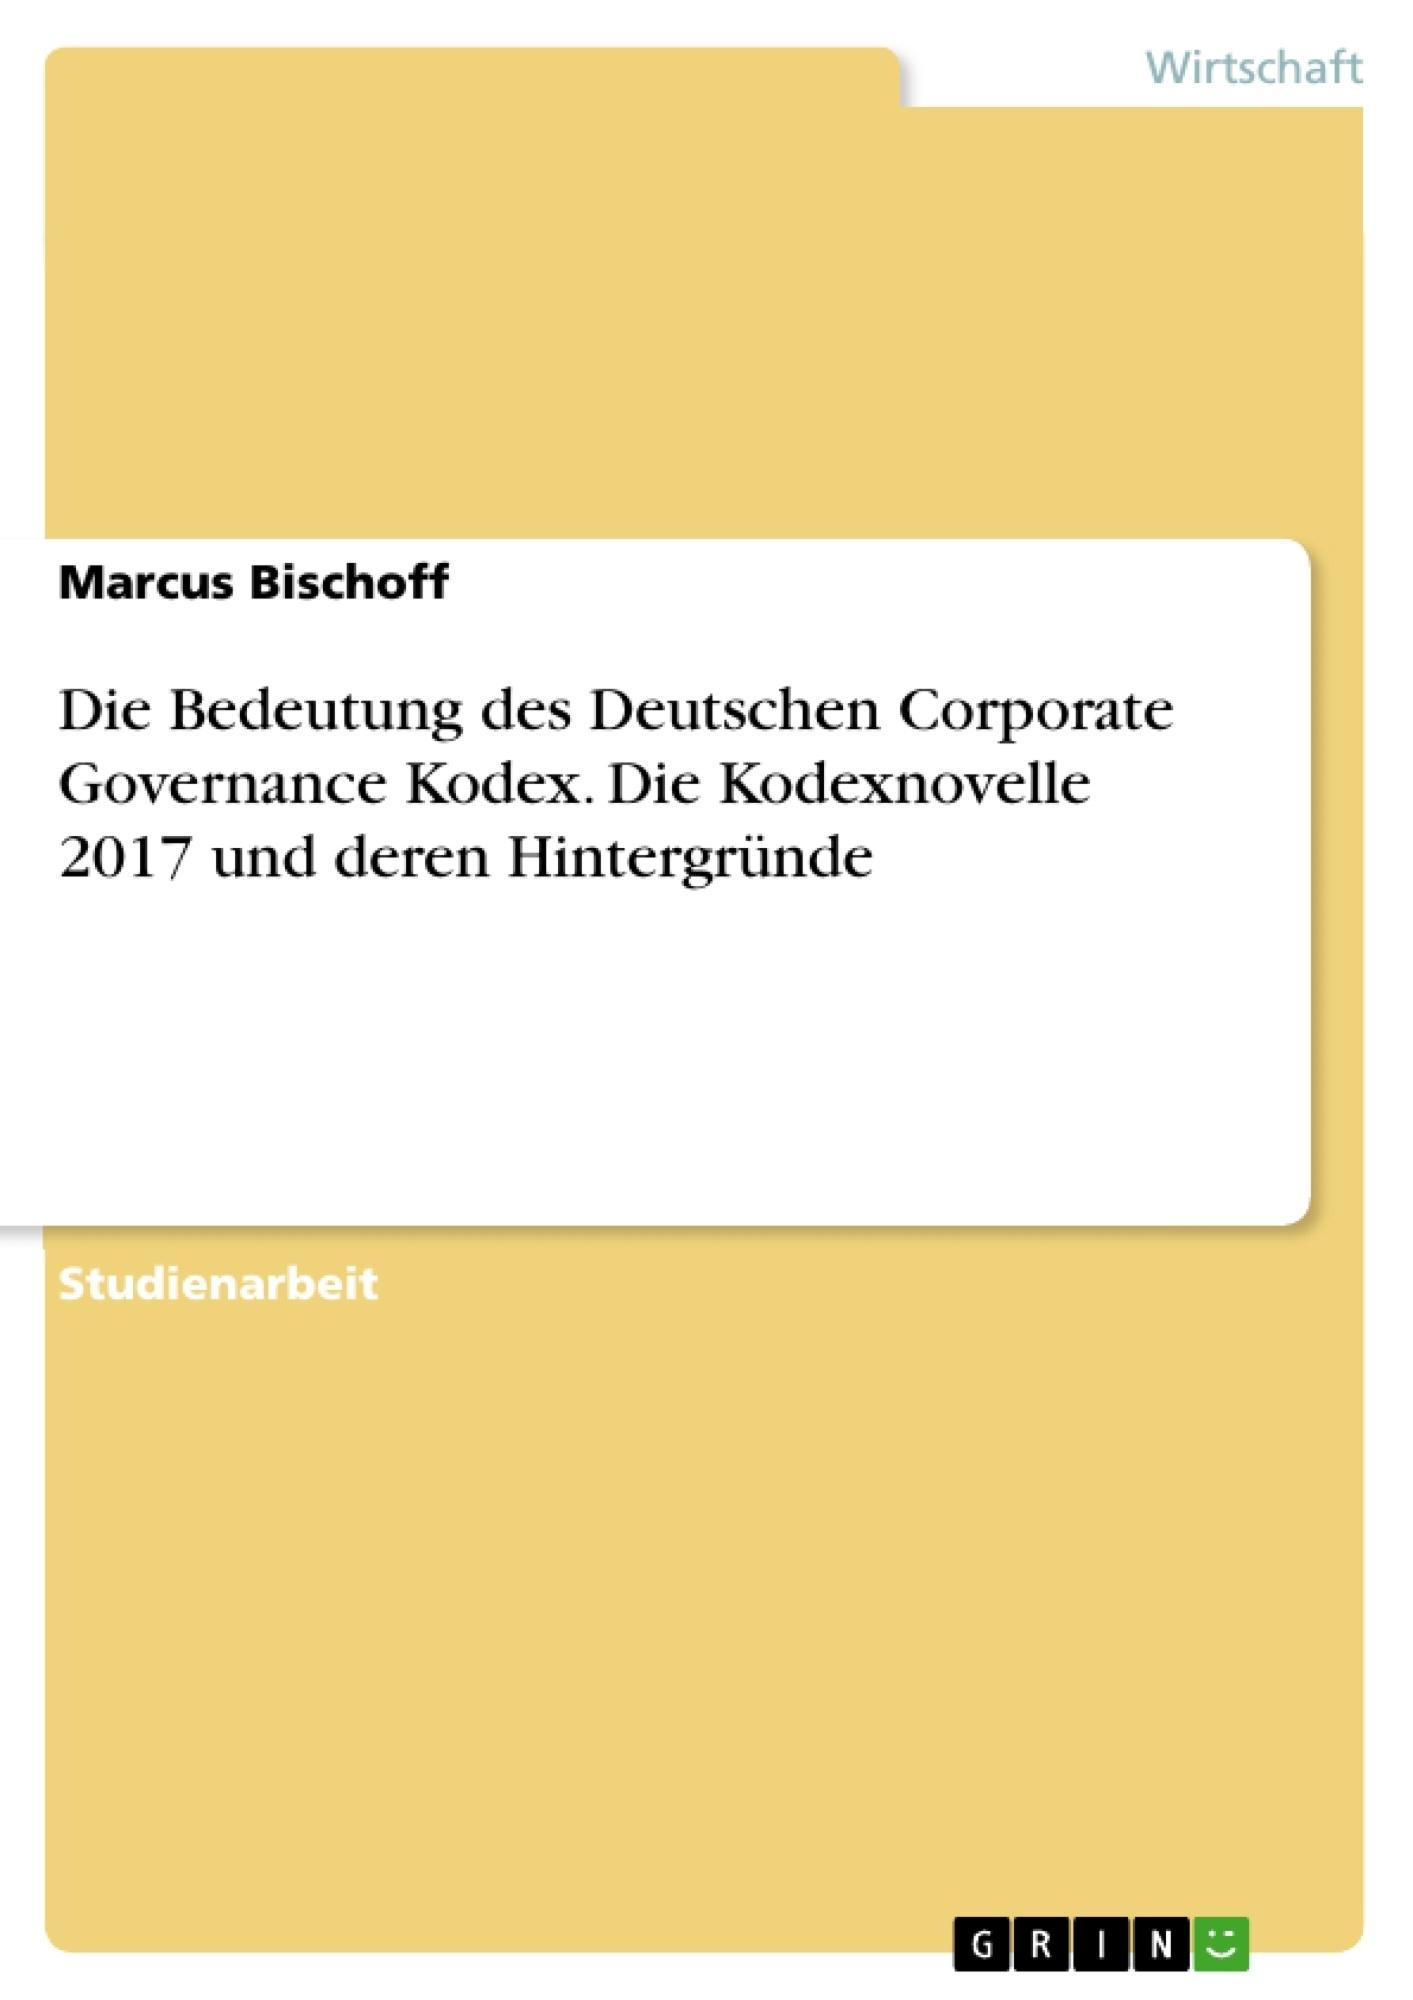 Titel: Die Bedeutung des Deutschen Corporate Governance Kodex. Die Kodexnovelle 2017 und deren Hintergründe